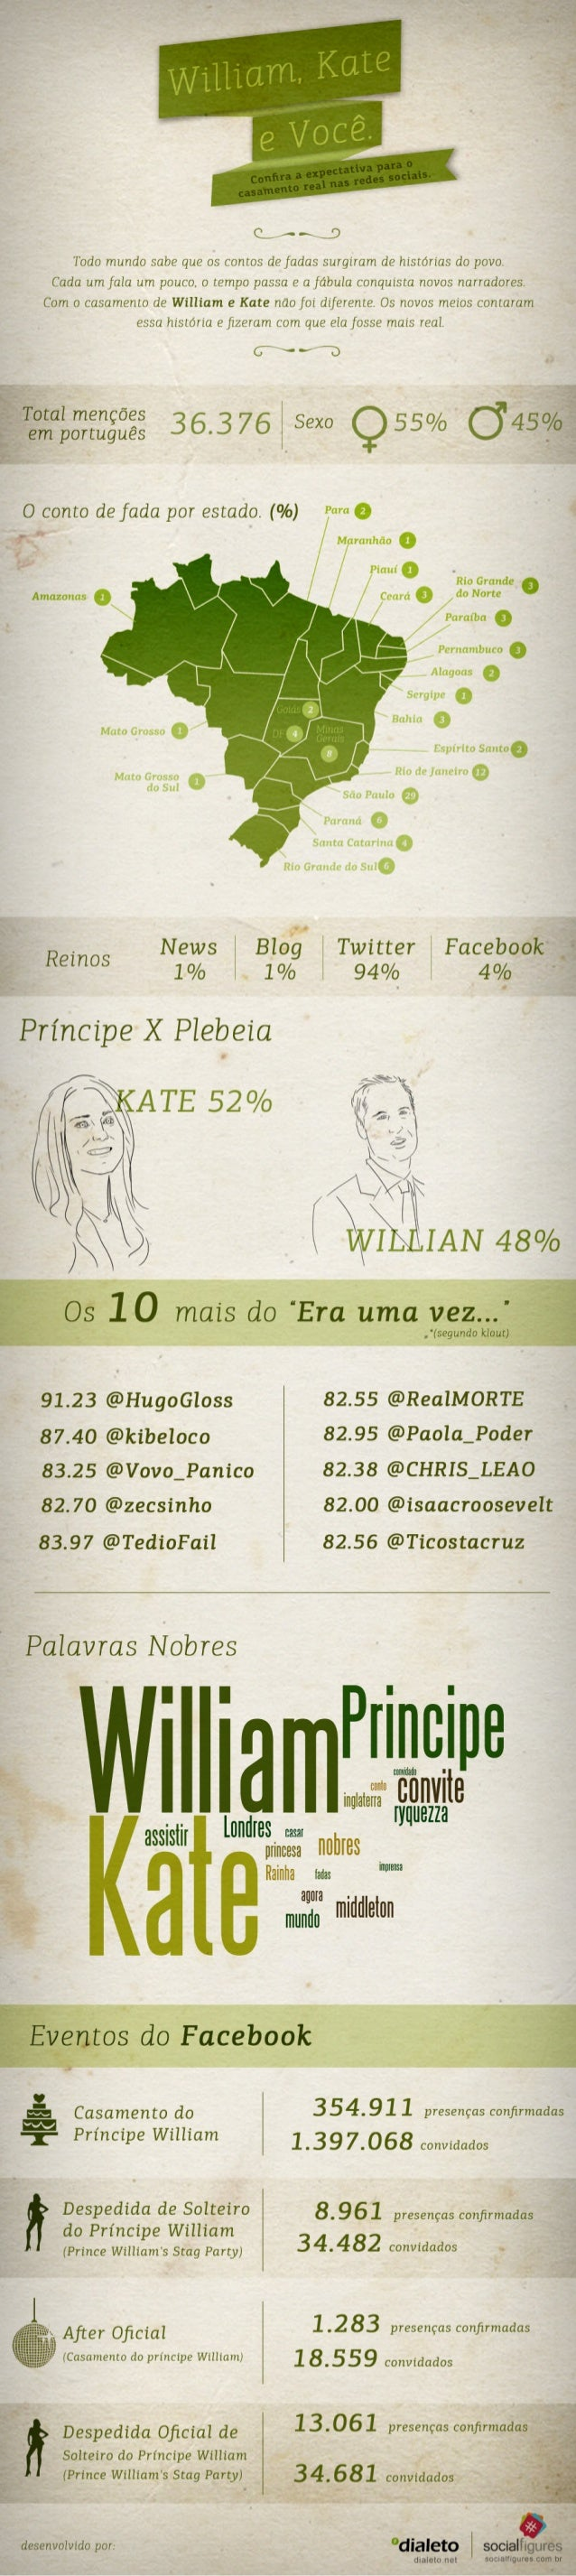 Casamento Real nas Redes Sociais - Infográfico